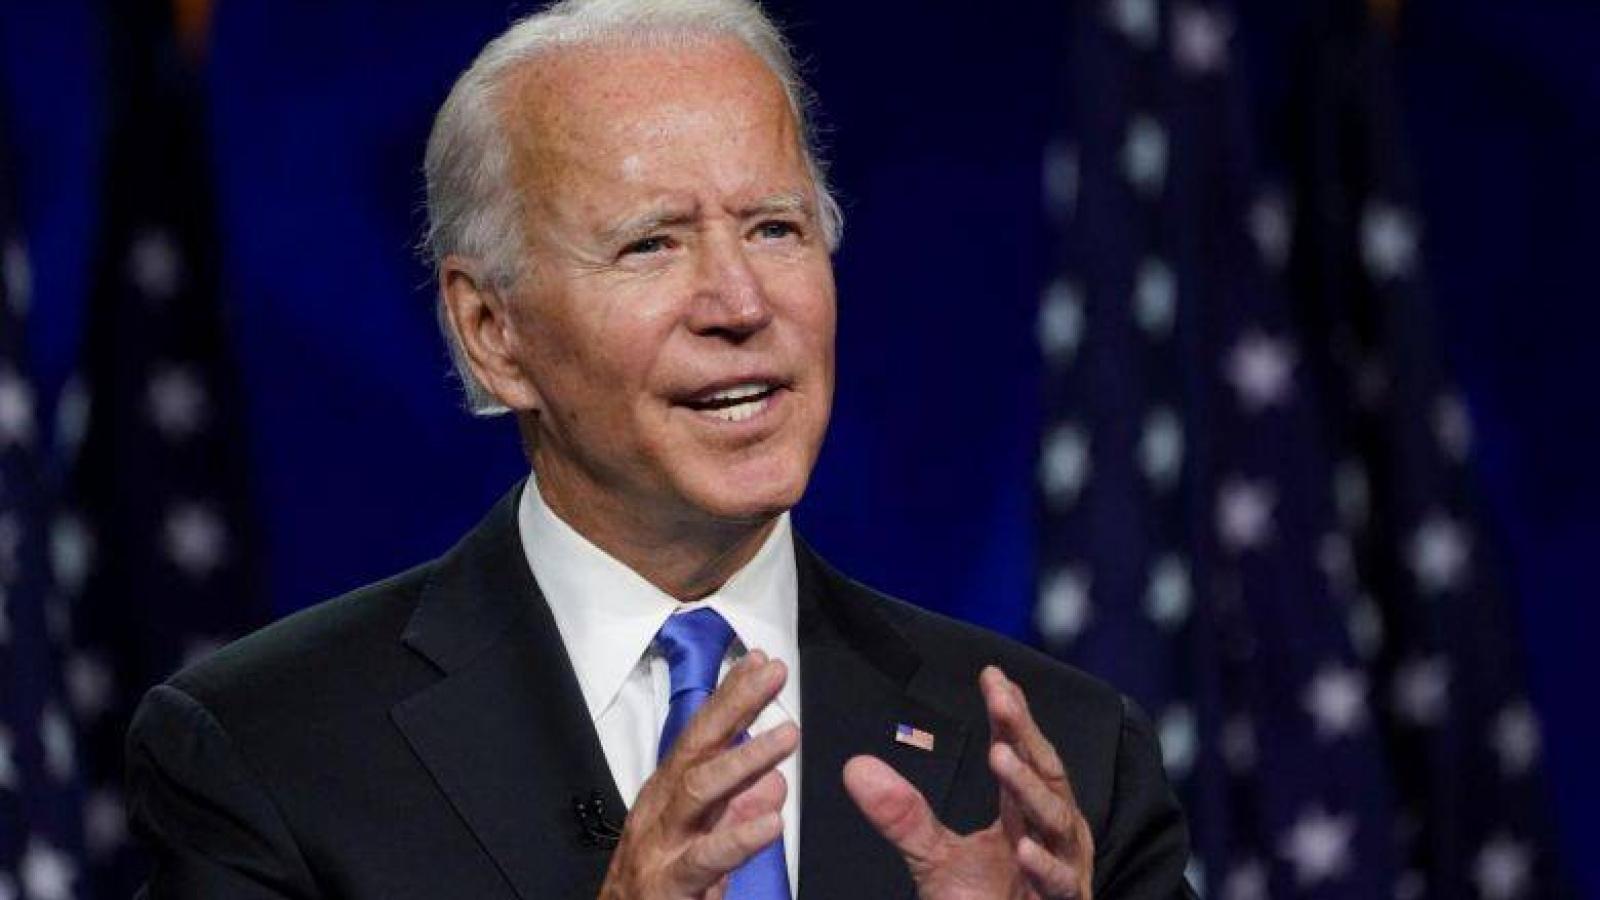 Bầu cử Mỹ: Ông Biden sẽ trực tiếp vận động tranh cử tại các bang chiến địa